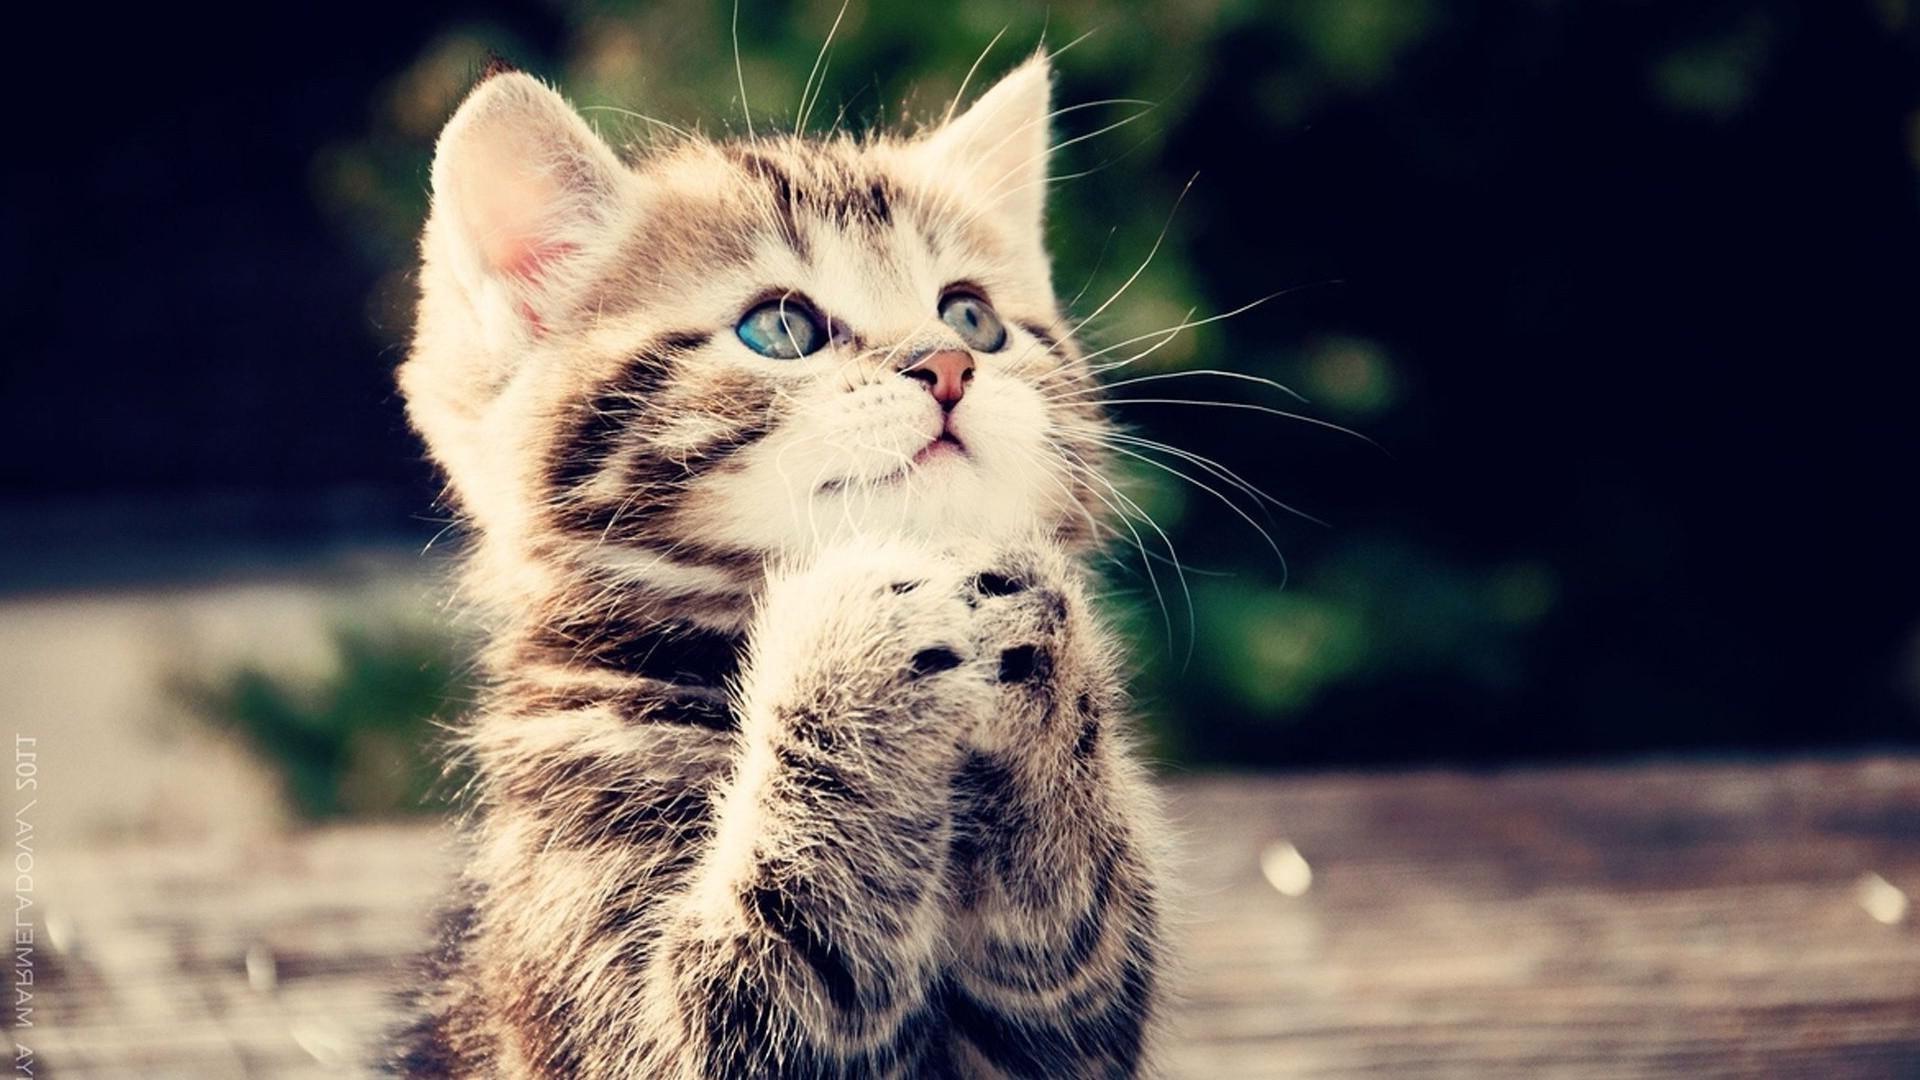 Cute Cat Background